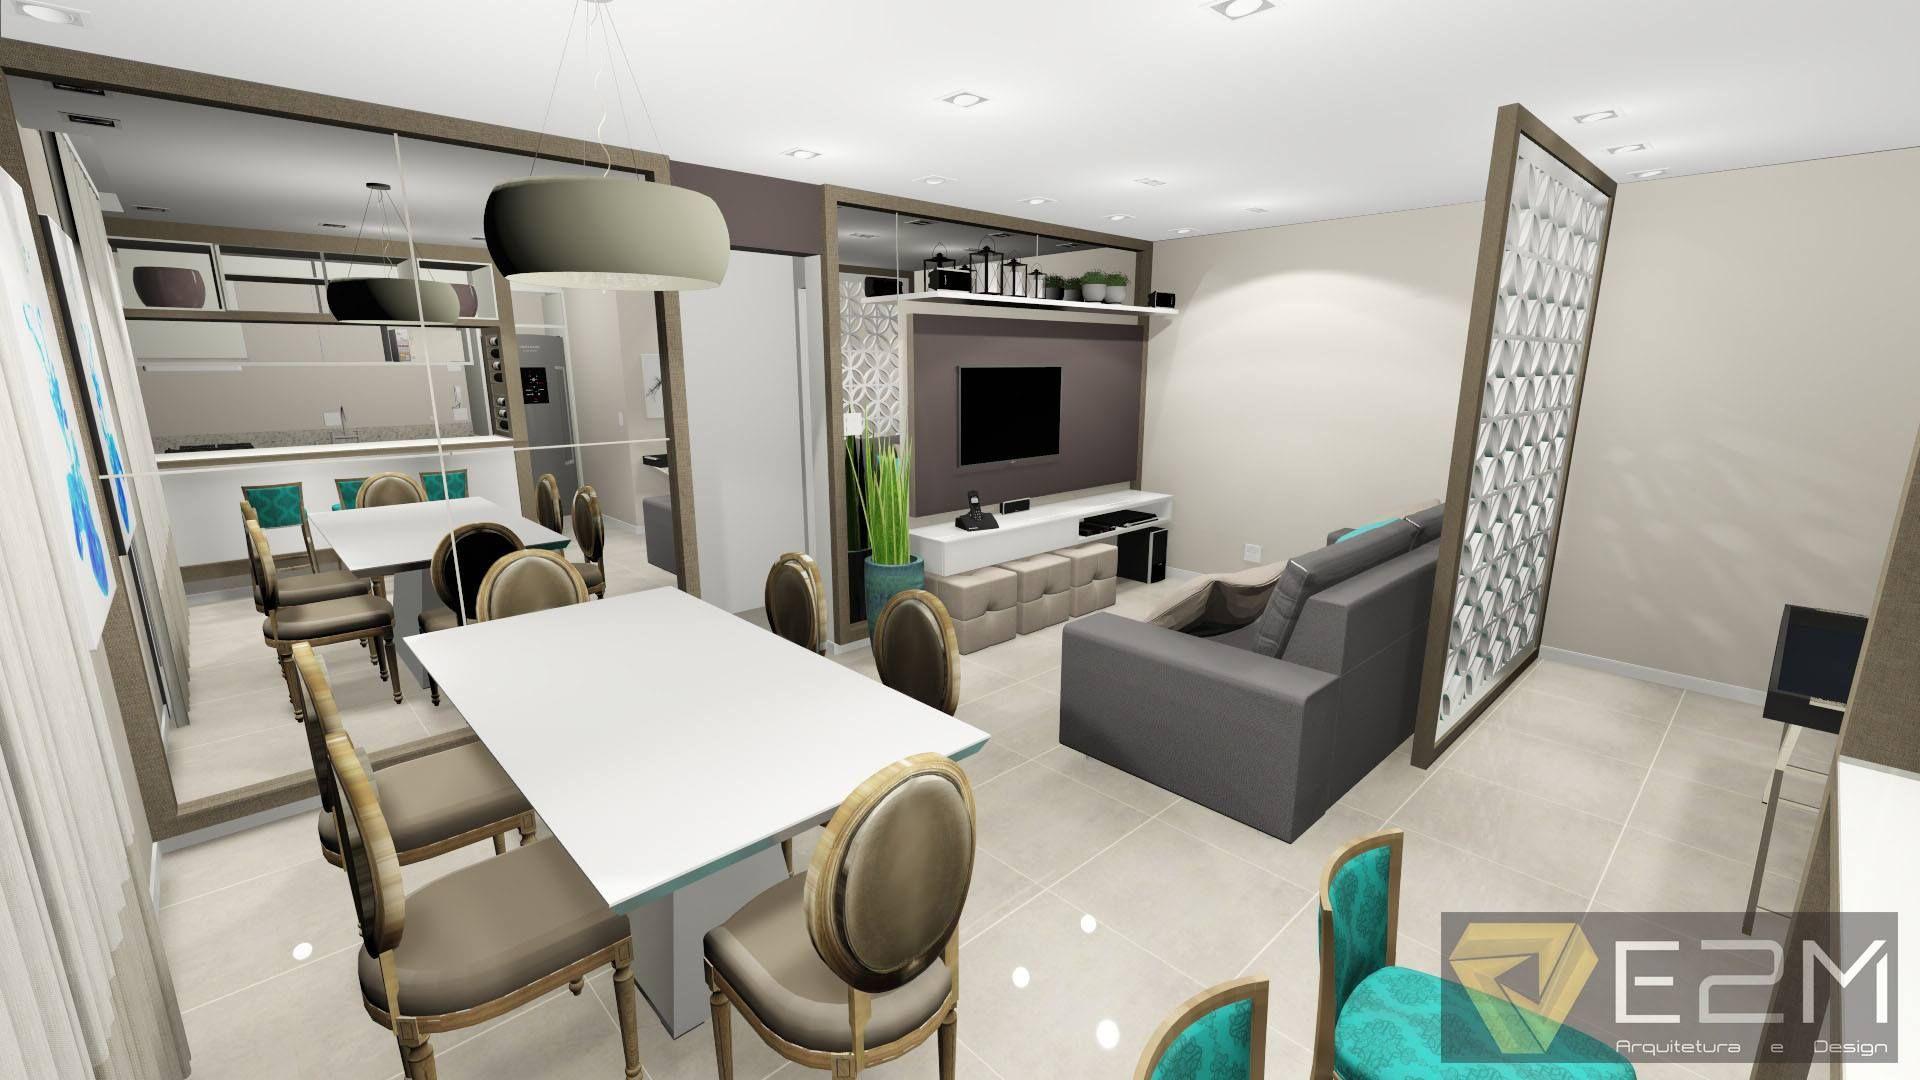 Apartamento B&D. Imagem: E2M Arquitetura e Design.